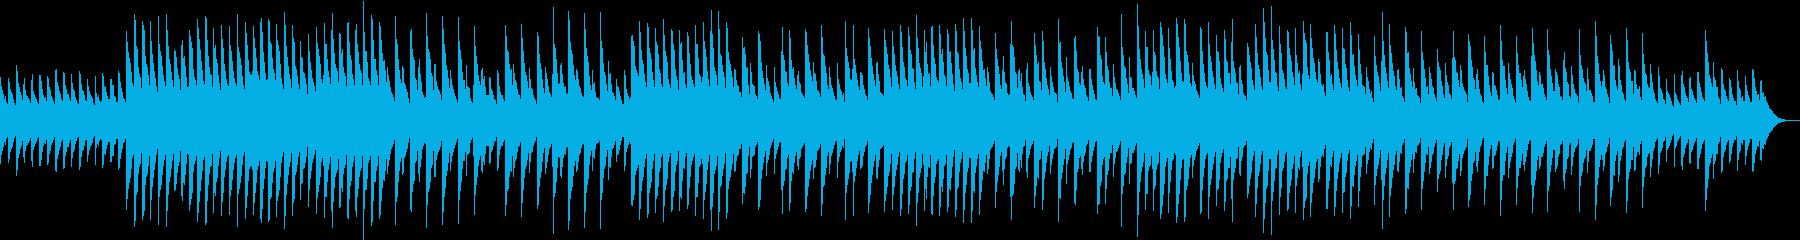 不思議・不穏な気配のするベルの再生済みの波形